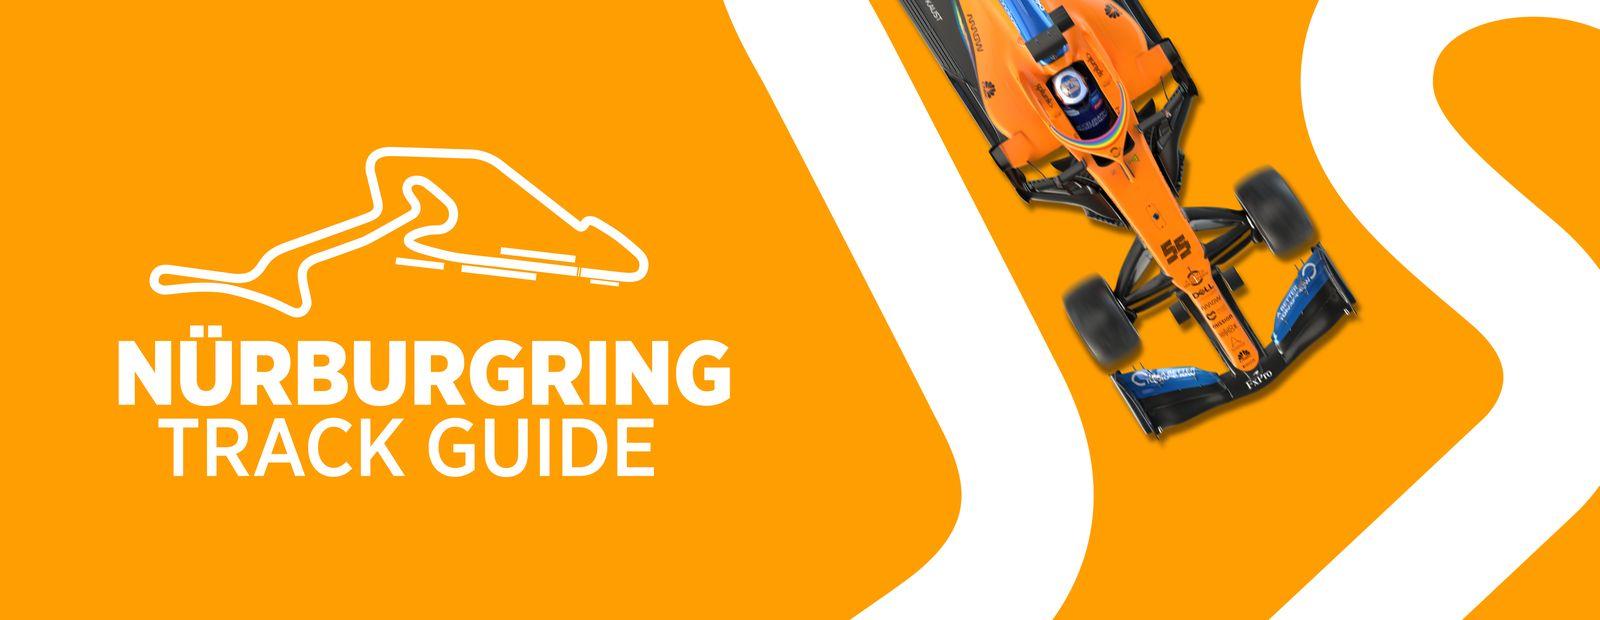 Nürburgring track guide